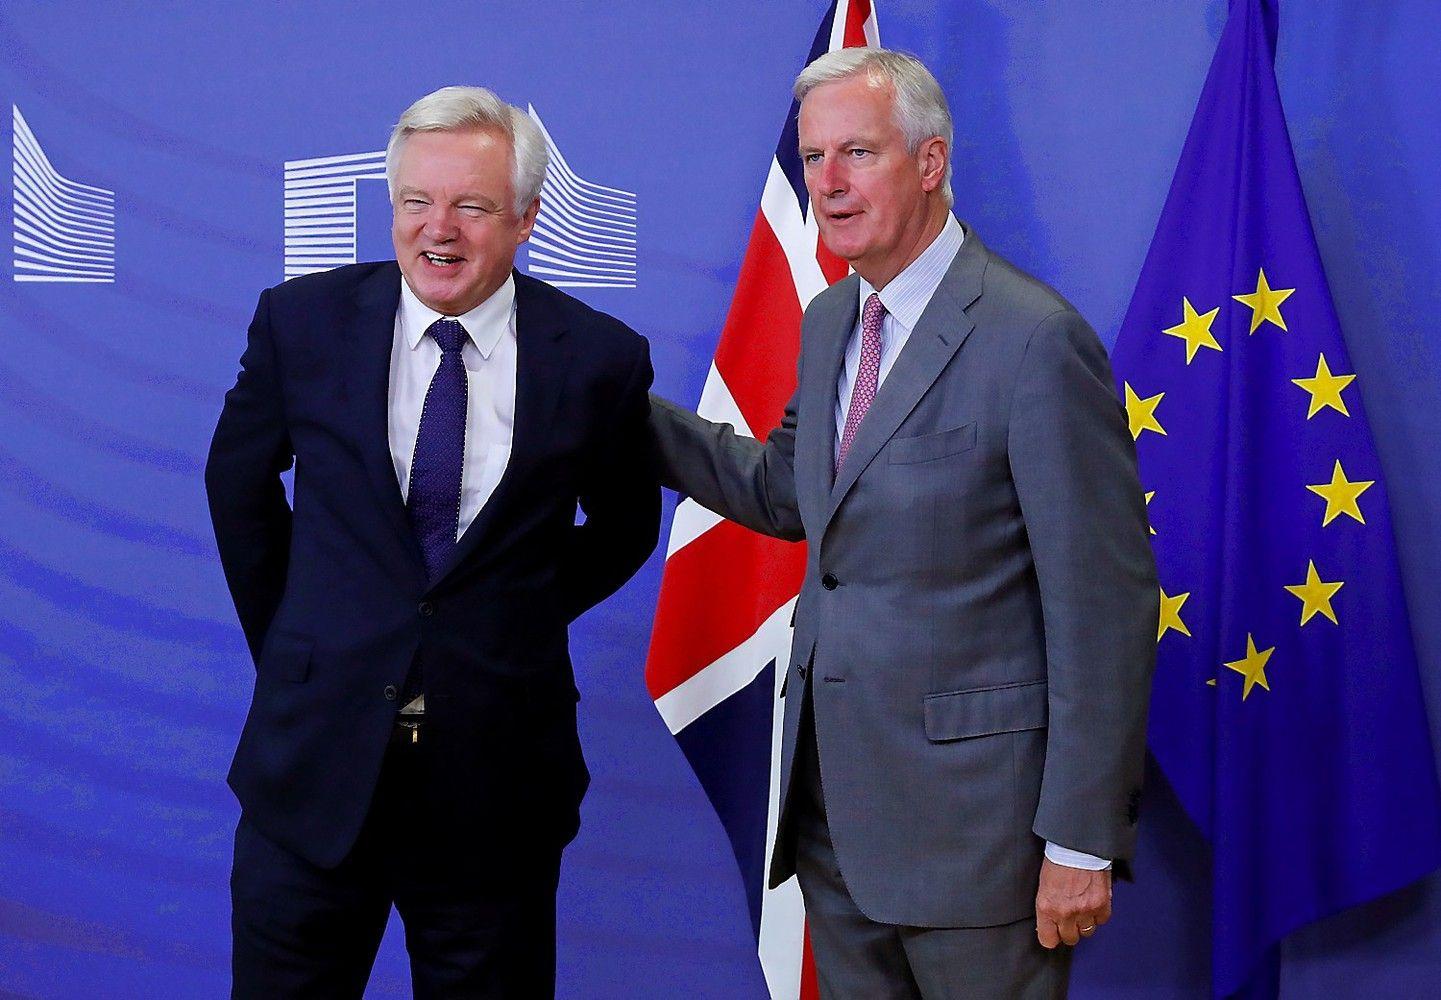 Londonas neigiapranešimus apiesutikimą ES mokėti iki40 mlrd. Eur